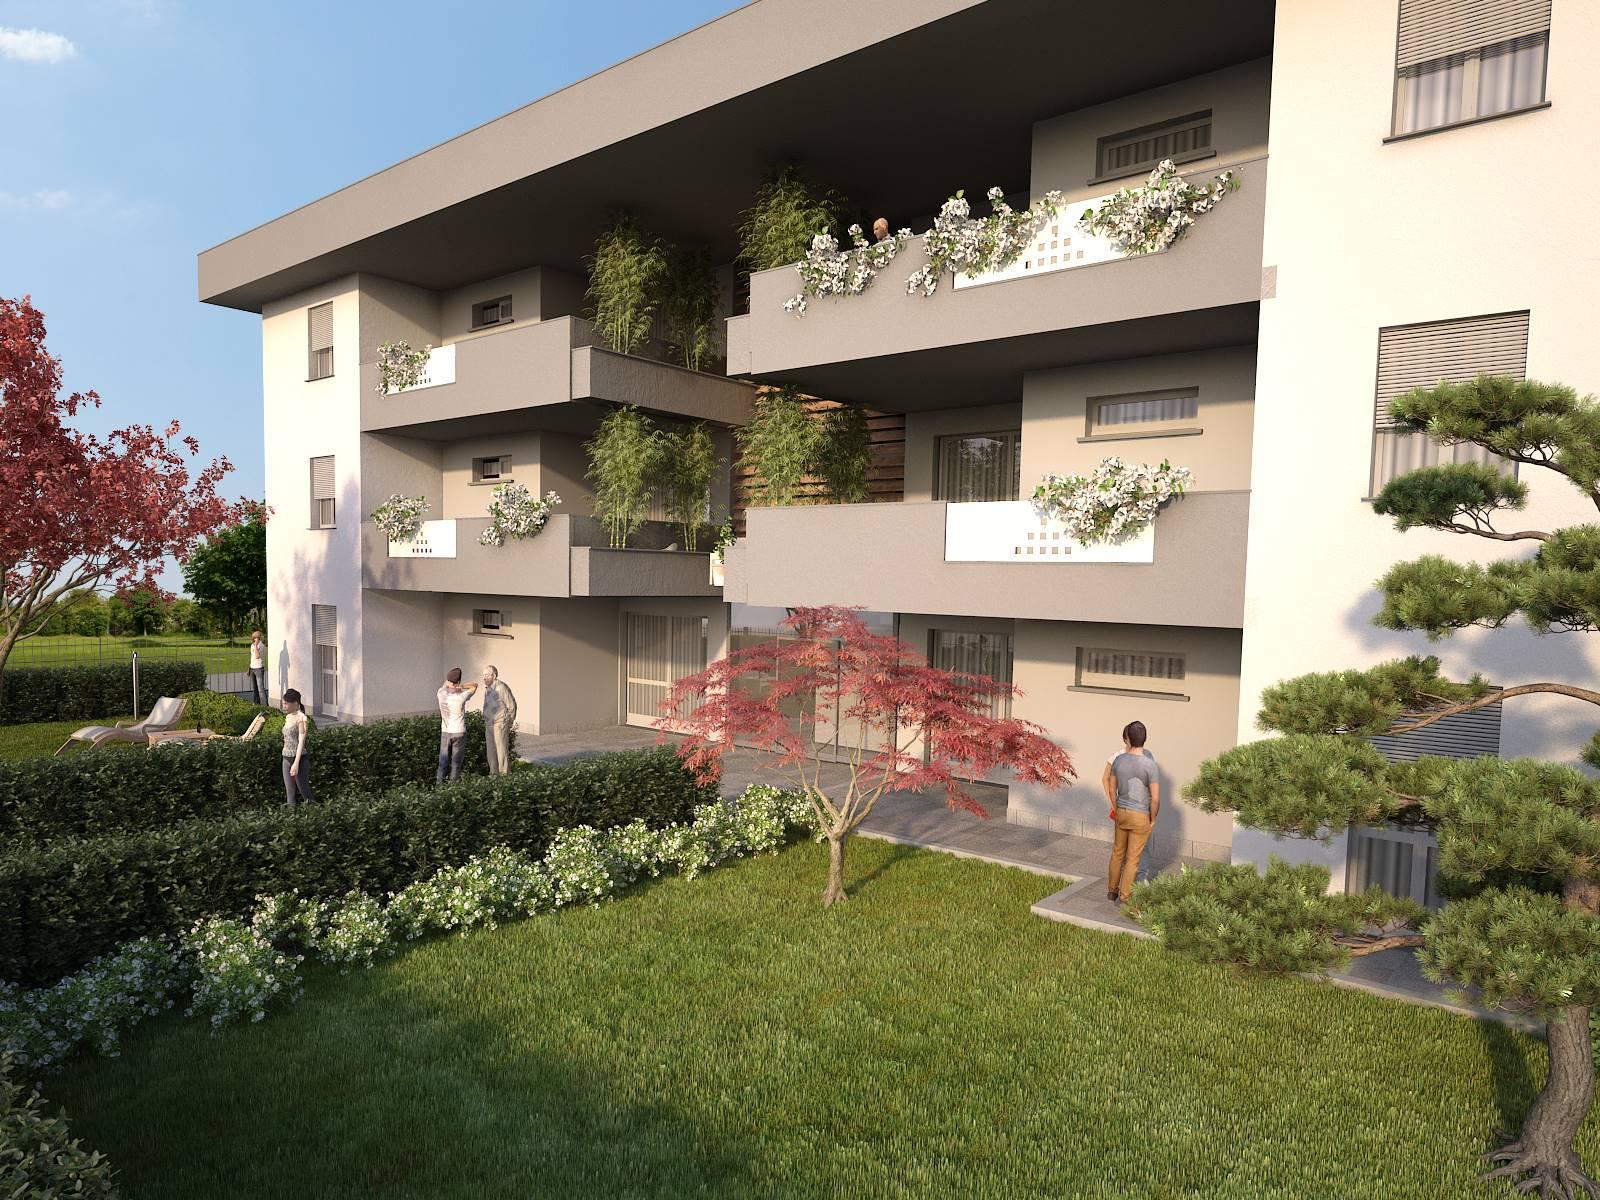 Appartamento in vendita a Zanica, 4 locali, prezzo € 235.000 | PortaleAgenzieImmobiliari.it